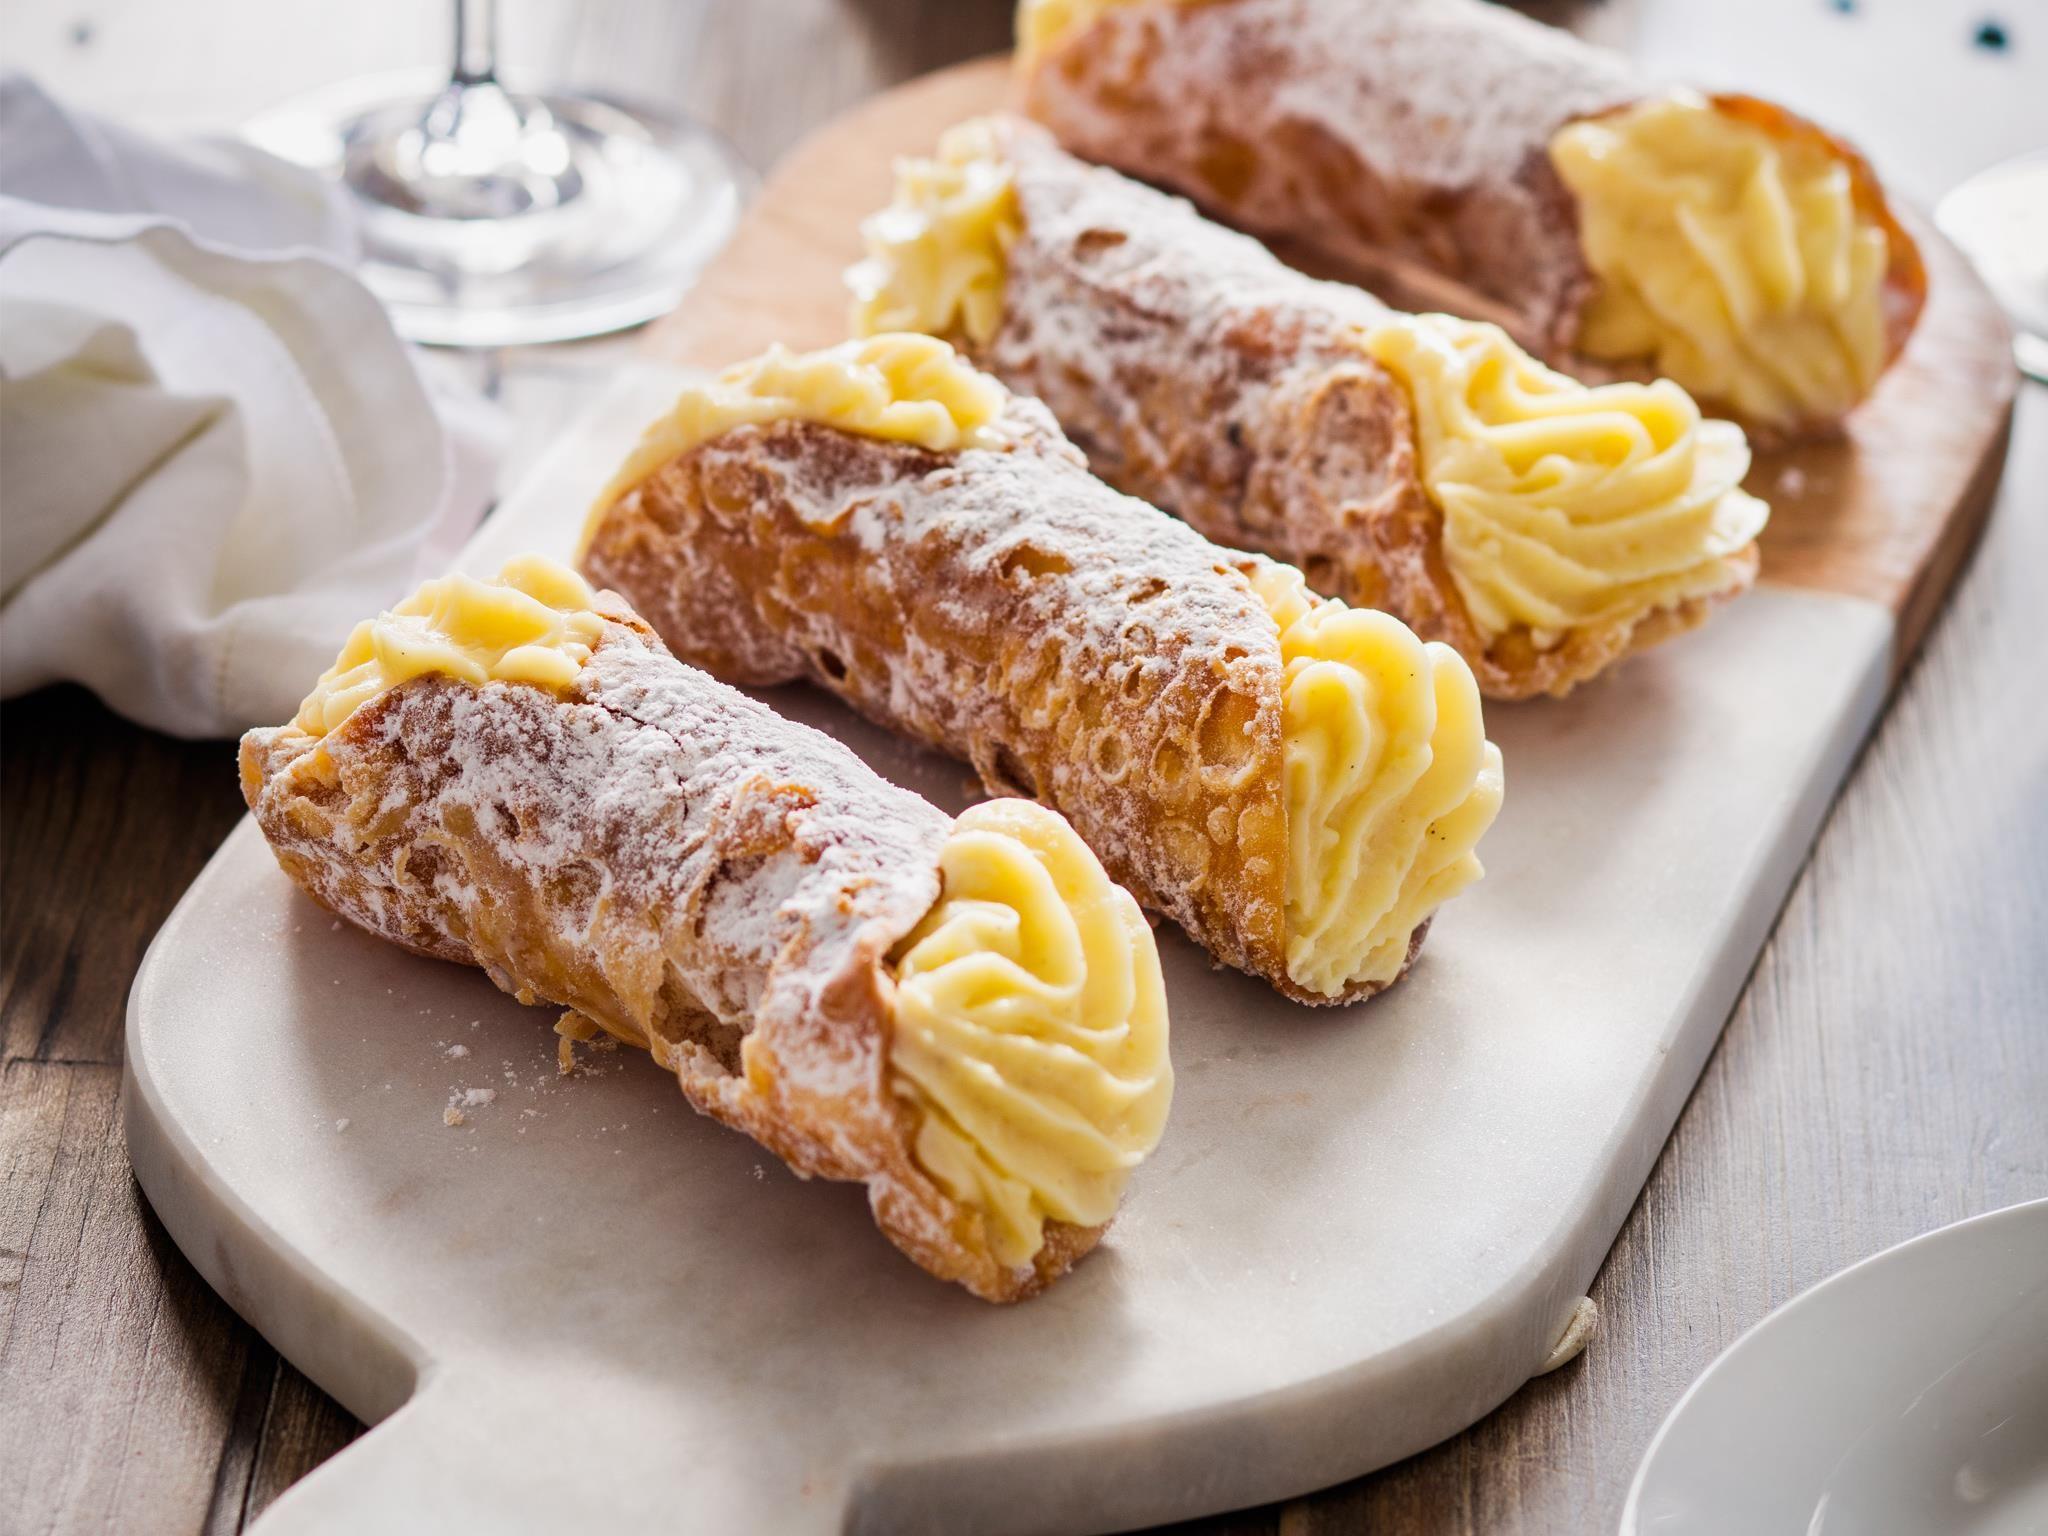 Italian Pastry Cake Recipes: Silvana Silvestro Of Silvana's Sicilian Shares Her Recipe